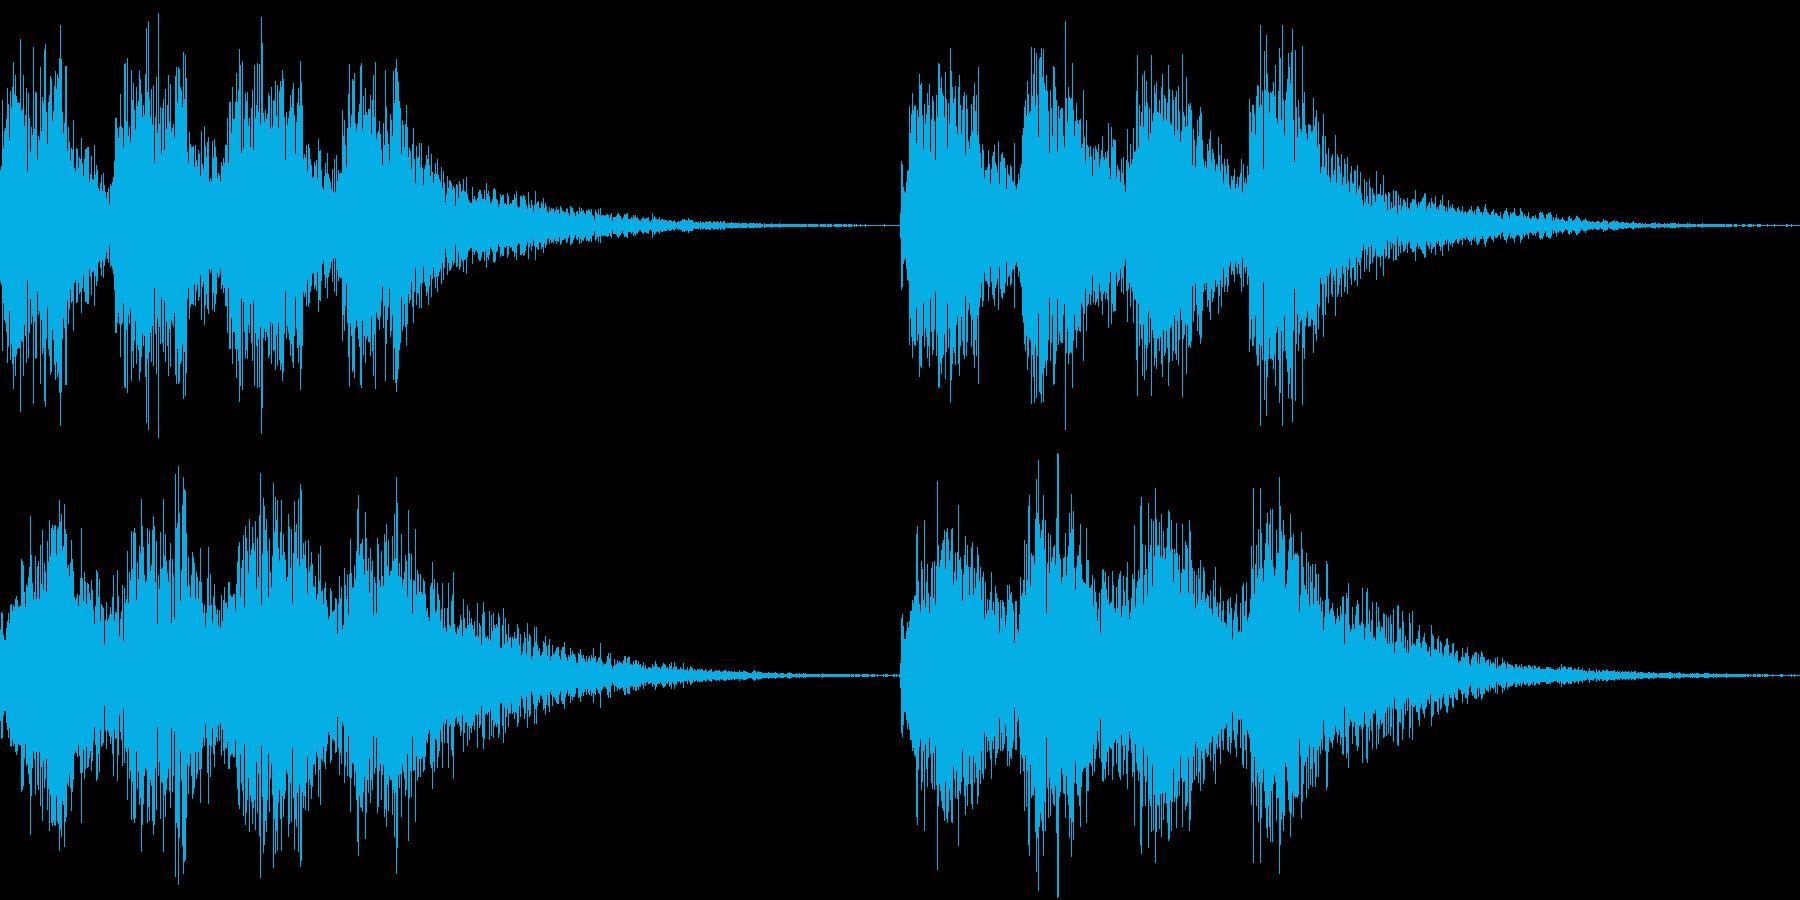 アラーム 時報 時計 着信 ビビ ループの再生済みの波形